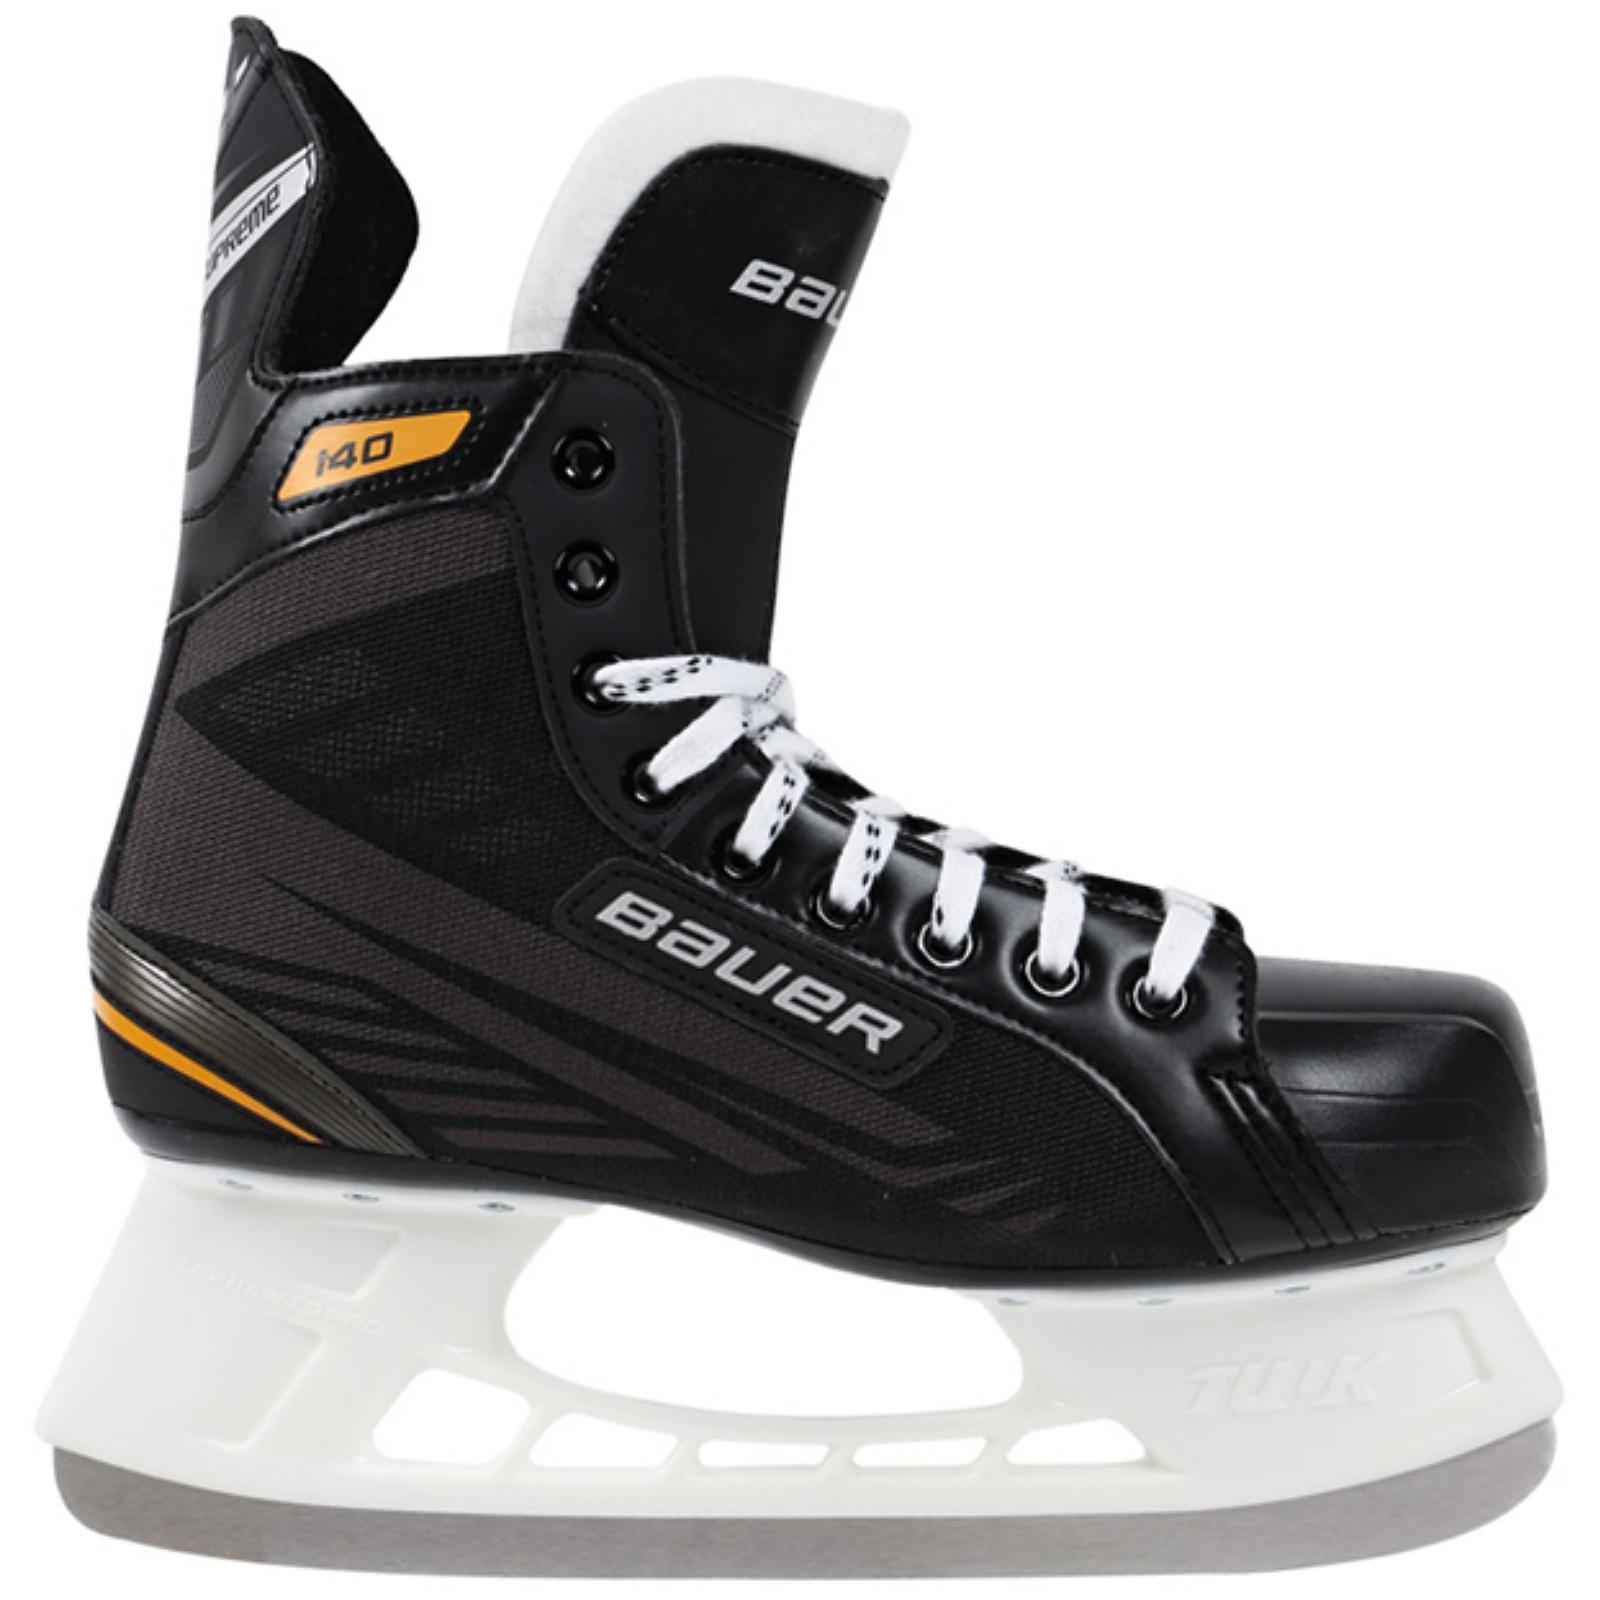 Hokejové brusle BAUER Supreme 140 junior - vel. 38,5